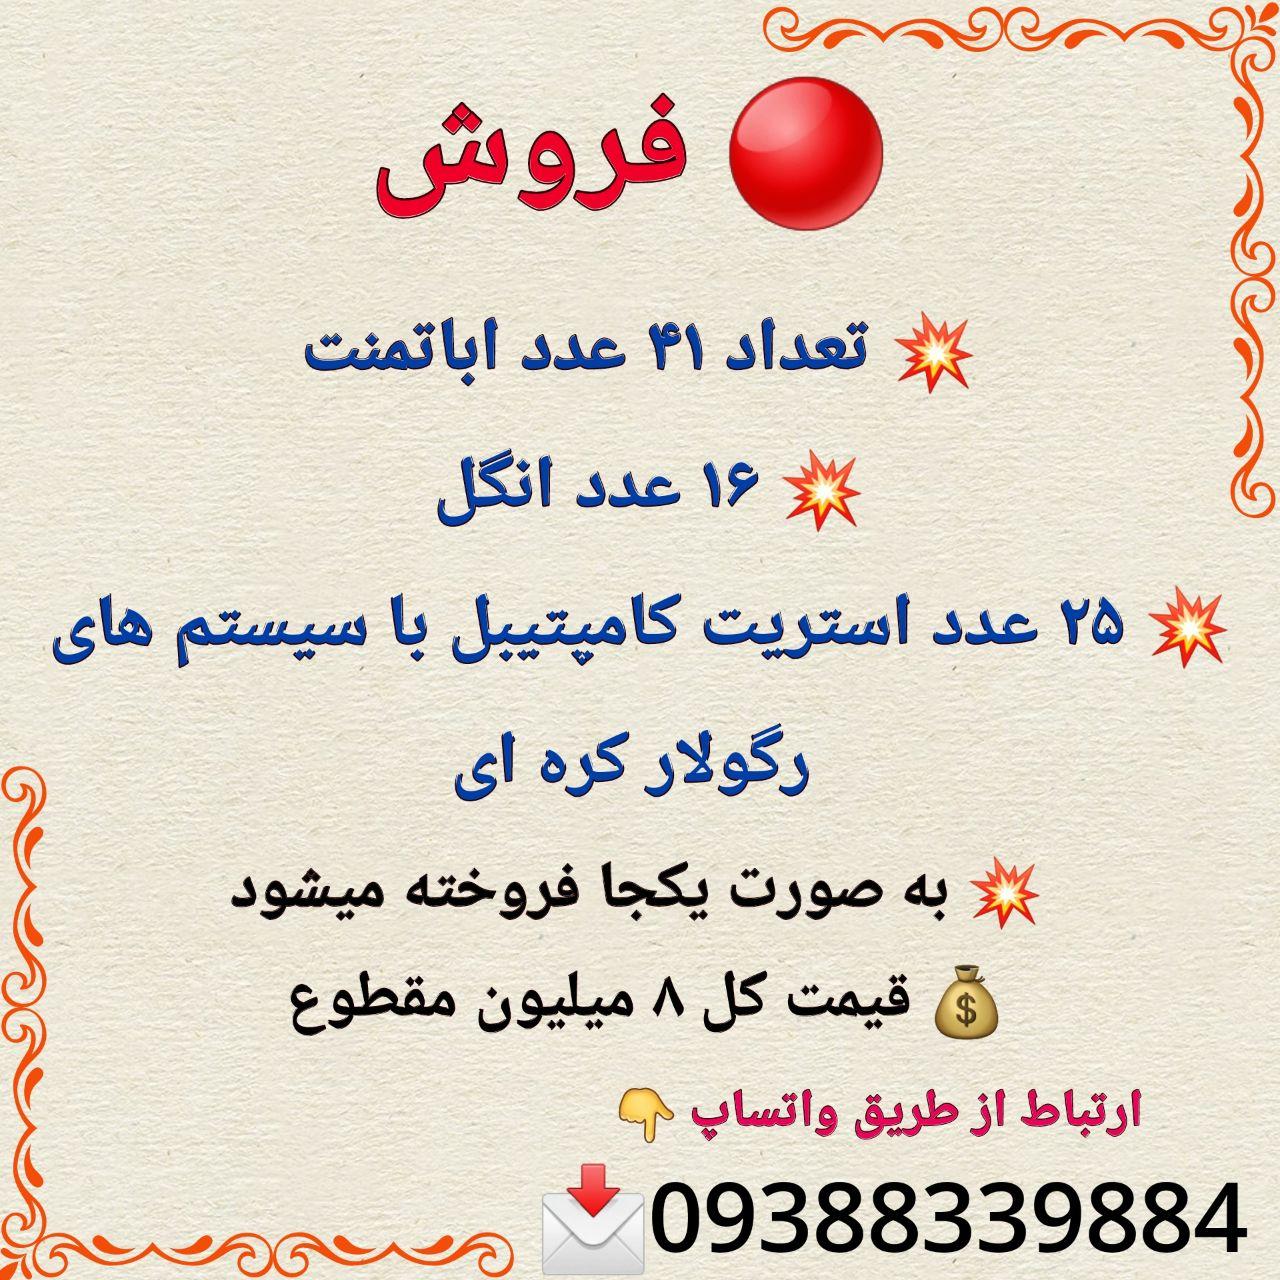 تهران: فروش، تعداد ۴۱ عدد اباتمنت، ۱۶ عدد انگل، ۲۵ عدد استریت کامپتیبل با سیستم های رگولار کره ای